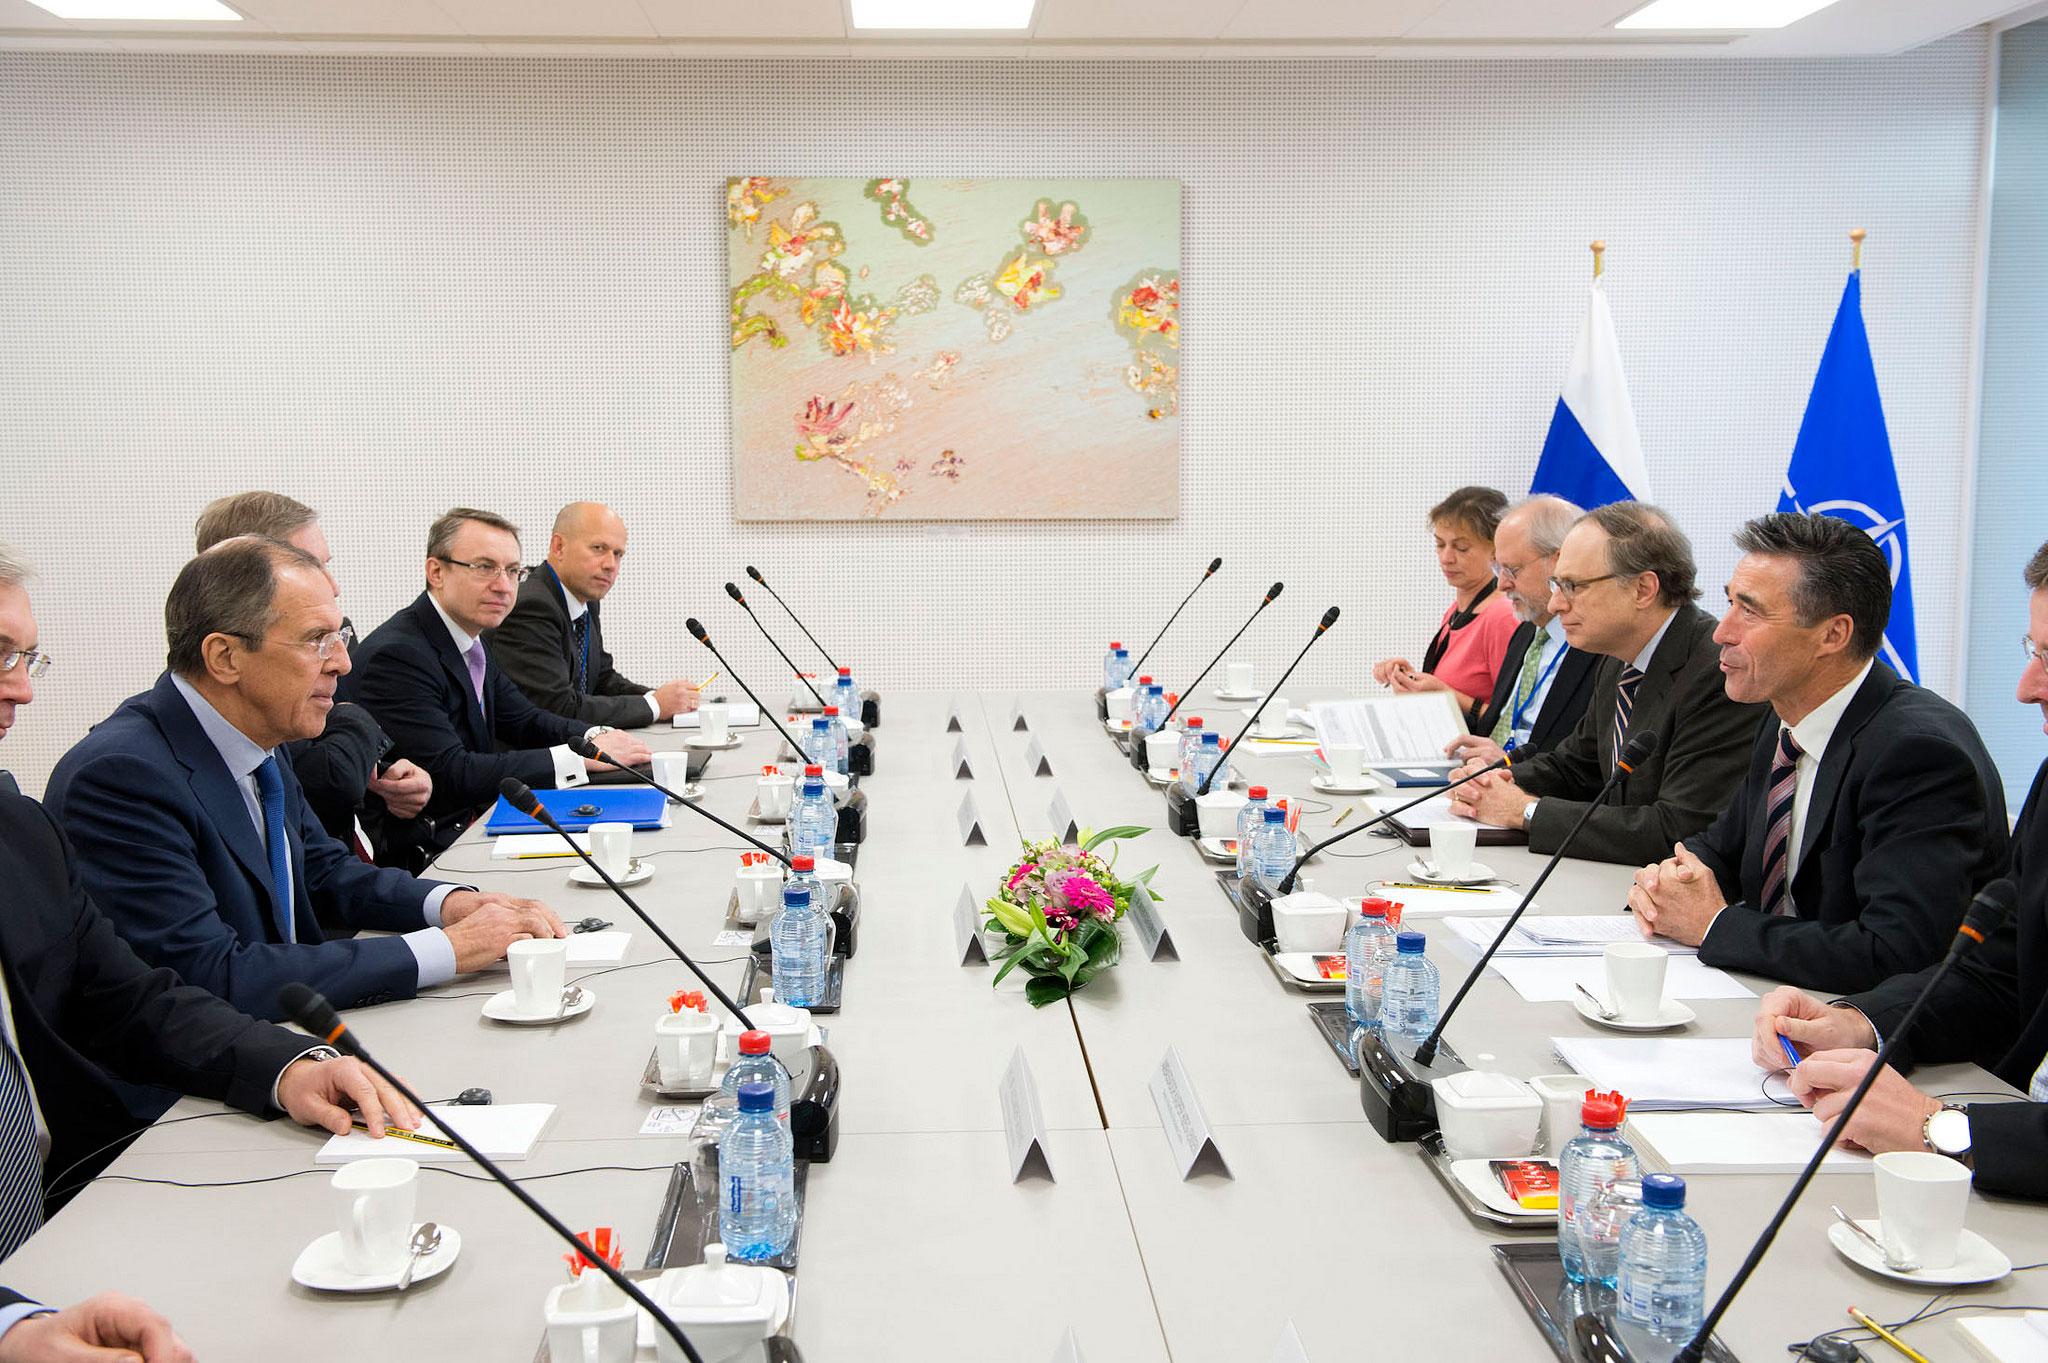 Не по адресу Военный эксперт о новых претензиях НАТО к России по РСМД